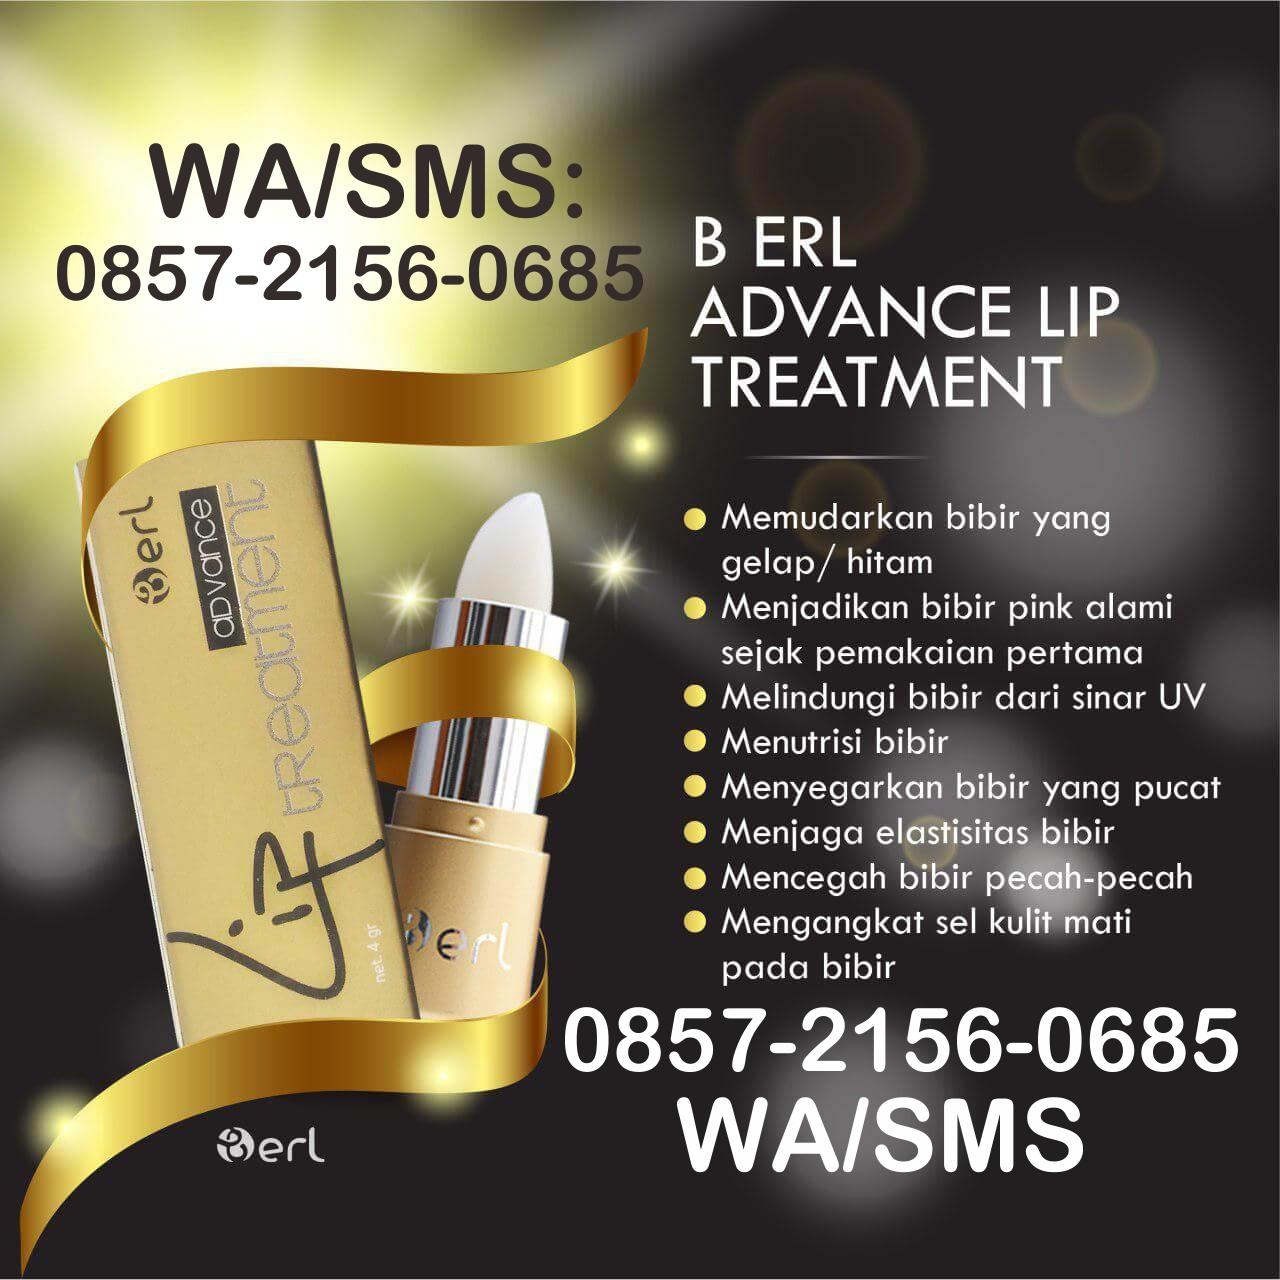 0857 2156 0685 B Erl Advance Lip Treatment Cosmetic Matte Cream Cosmetics Kosmetik Beauty